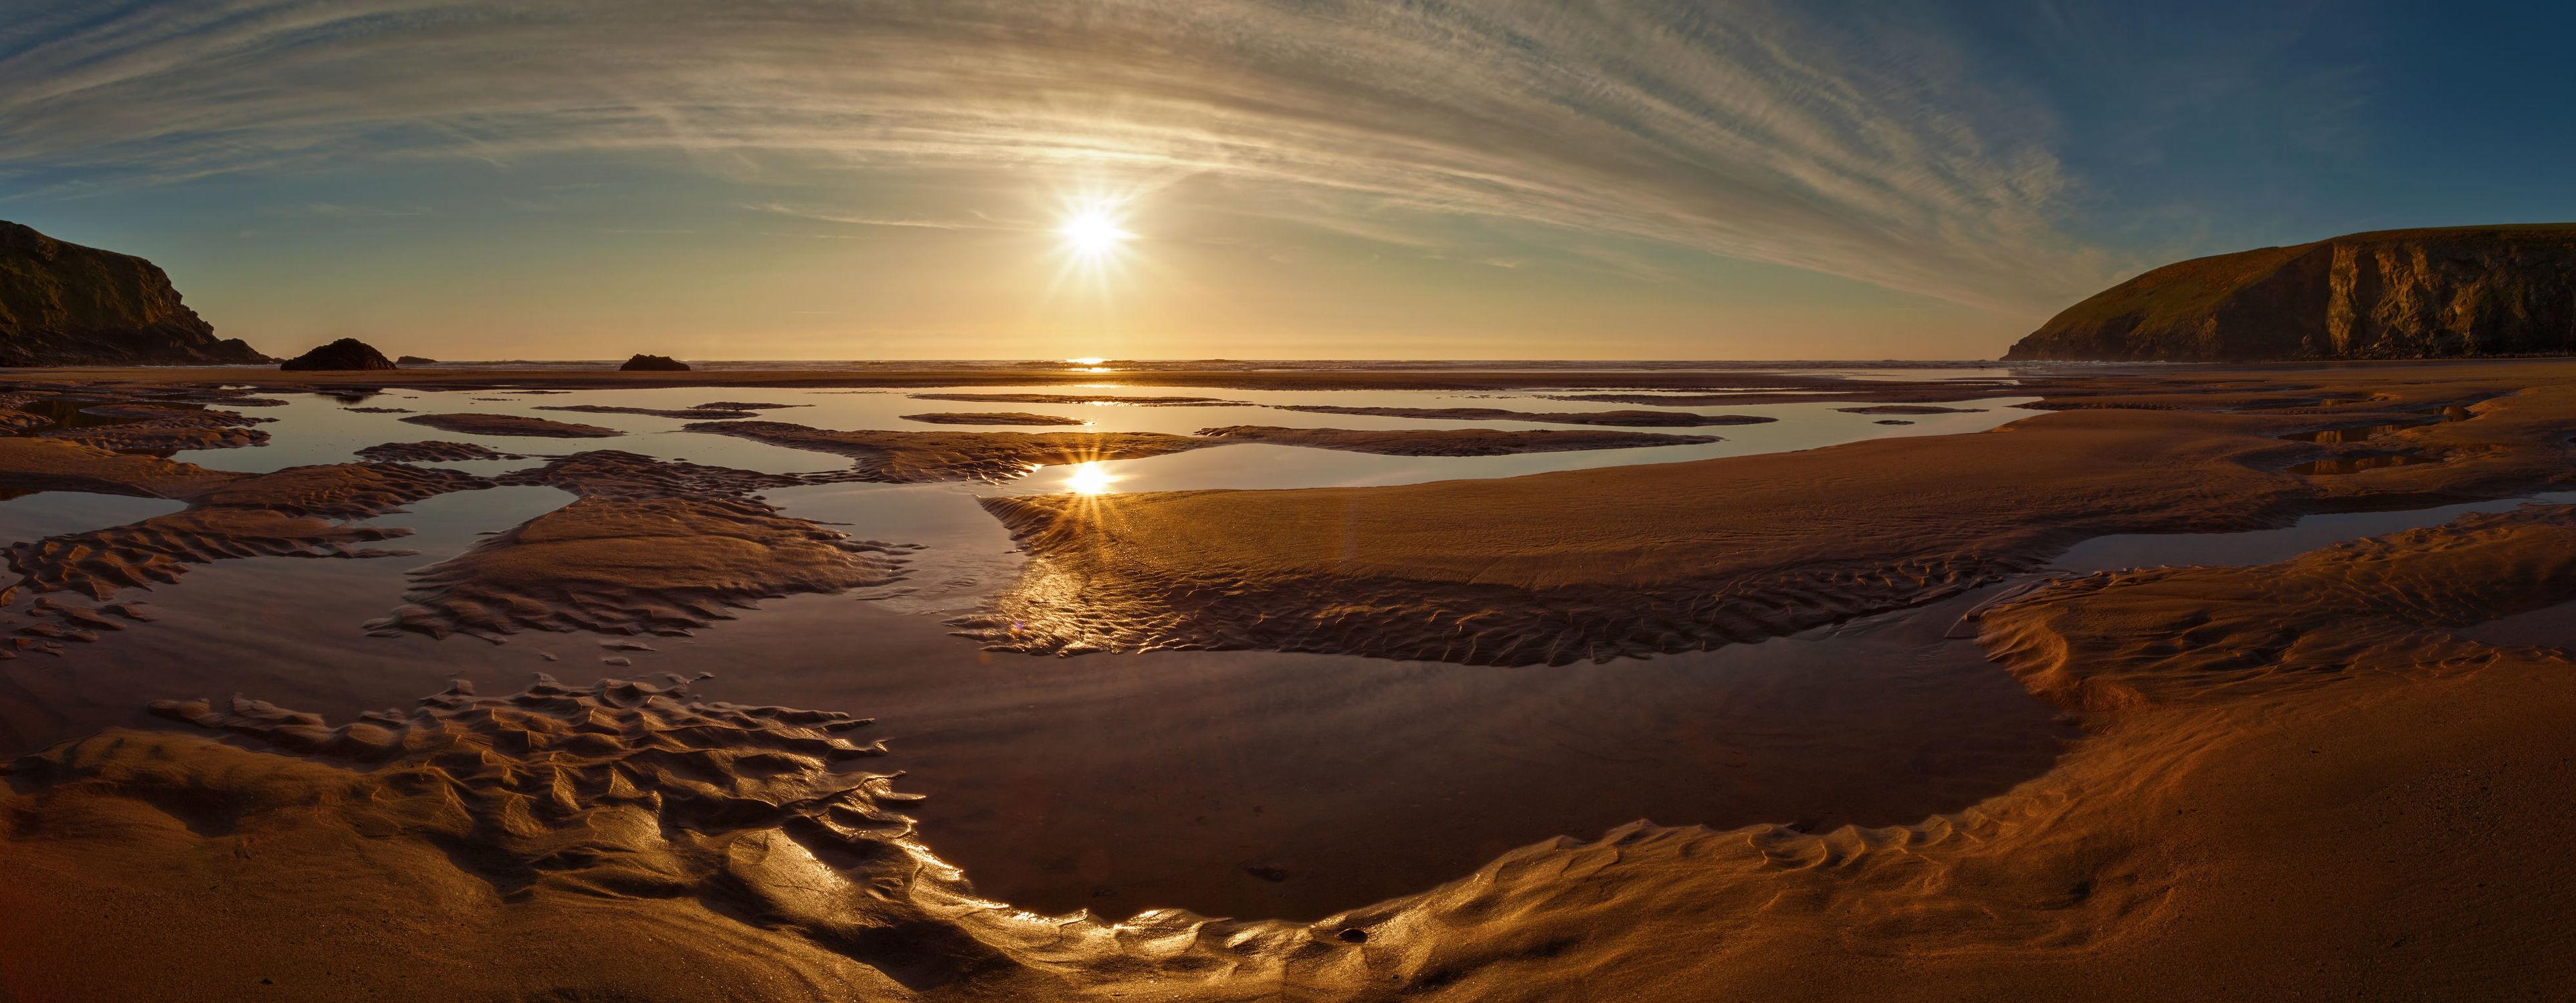 Bild mit Natur, Wasser, Gewässer, Sonnenuntergang, Sonnenaufgang, Strand, Sandstrand, Am Meer, ozean